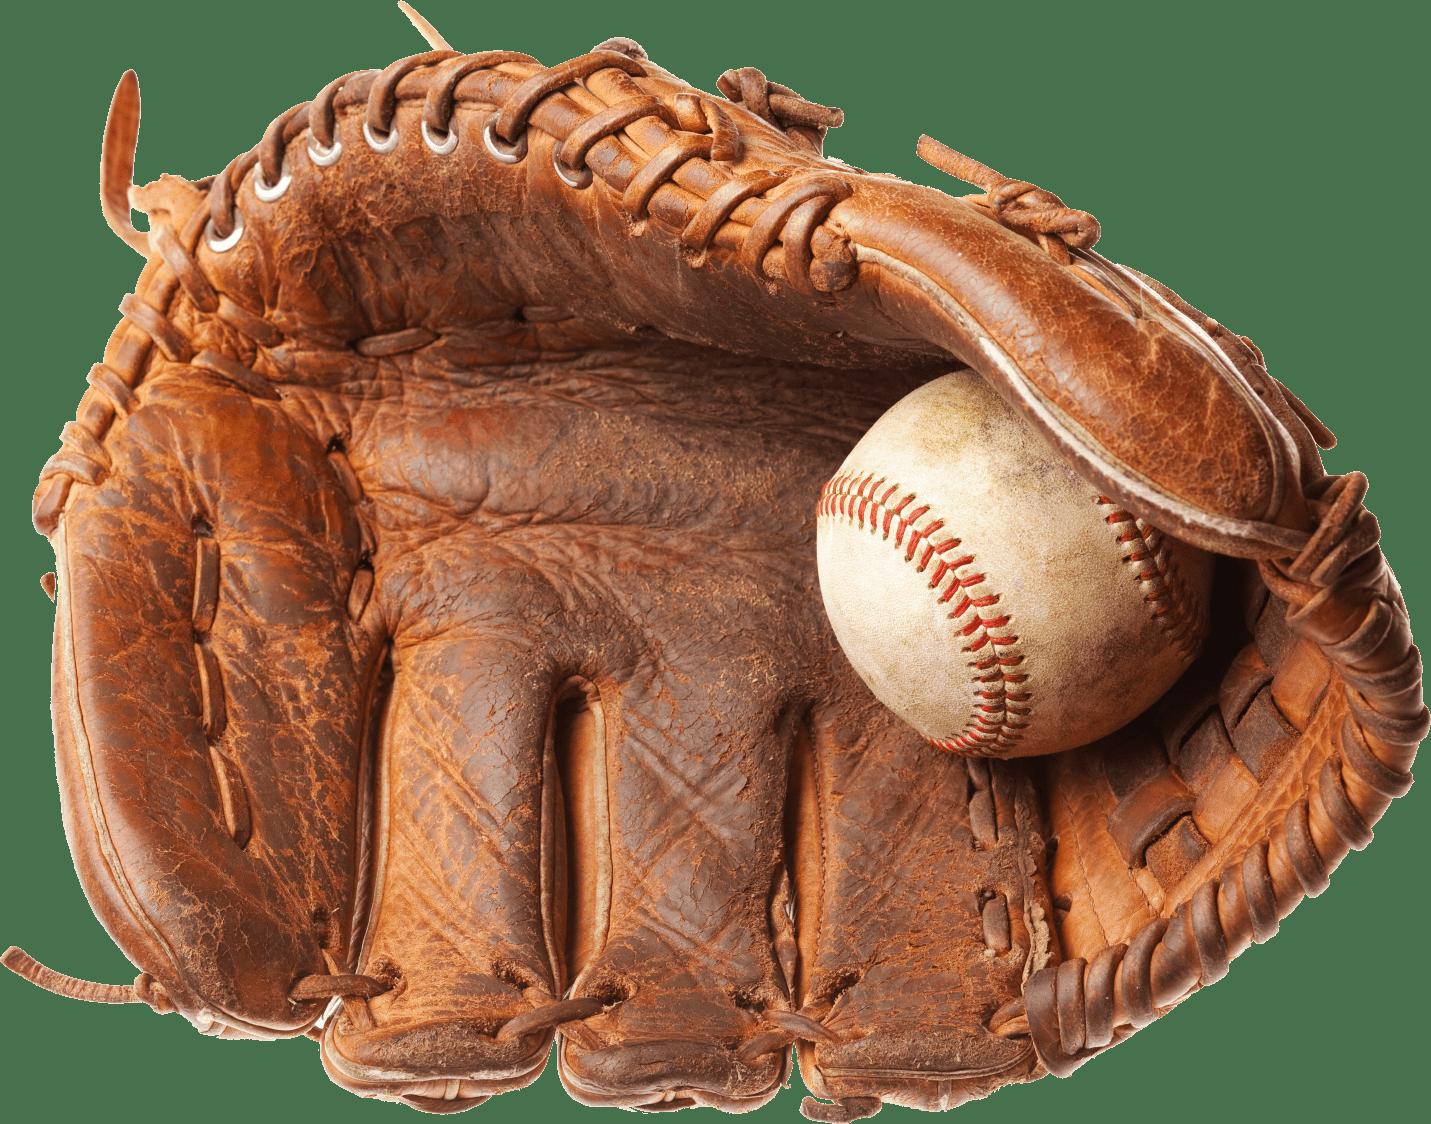 Vintage Baseball Glove Transparent PNG